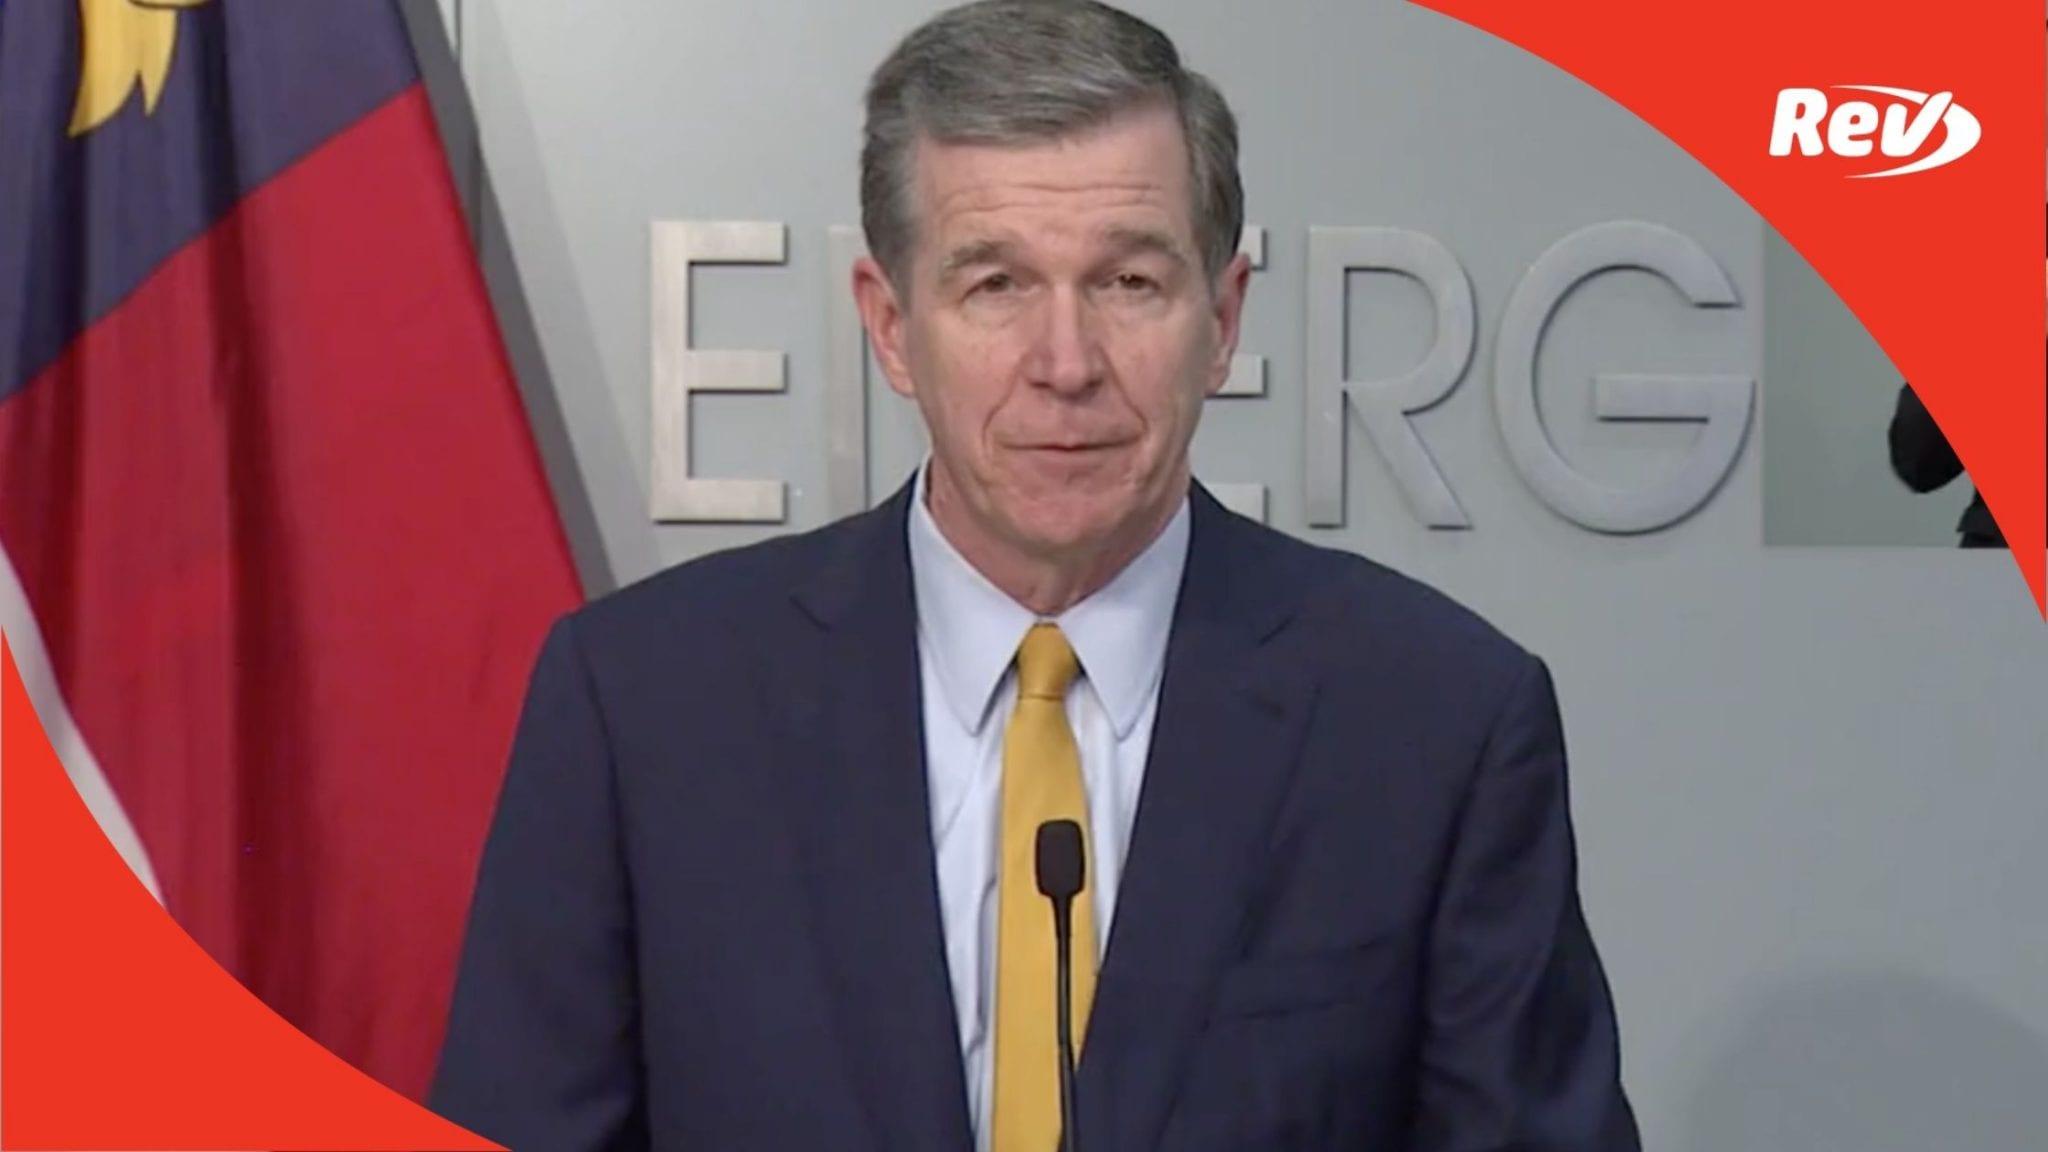 North Carolina Gov. Roy Cooper COVID-19 Press Conference Transcript March 23